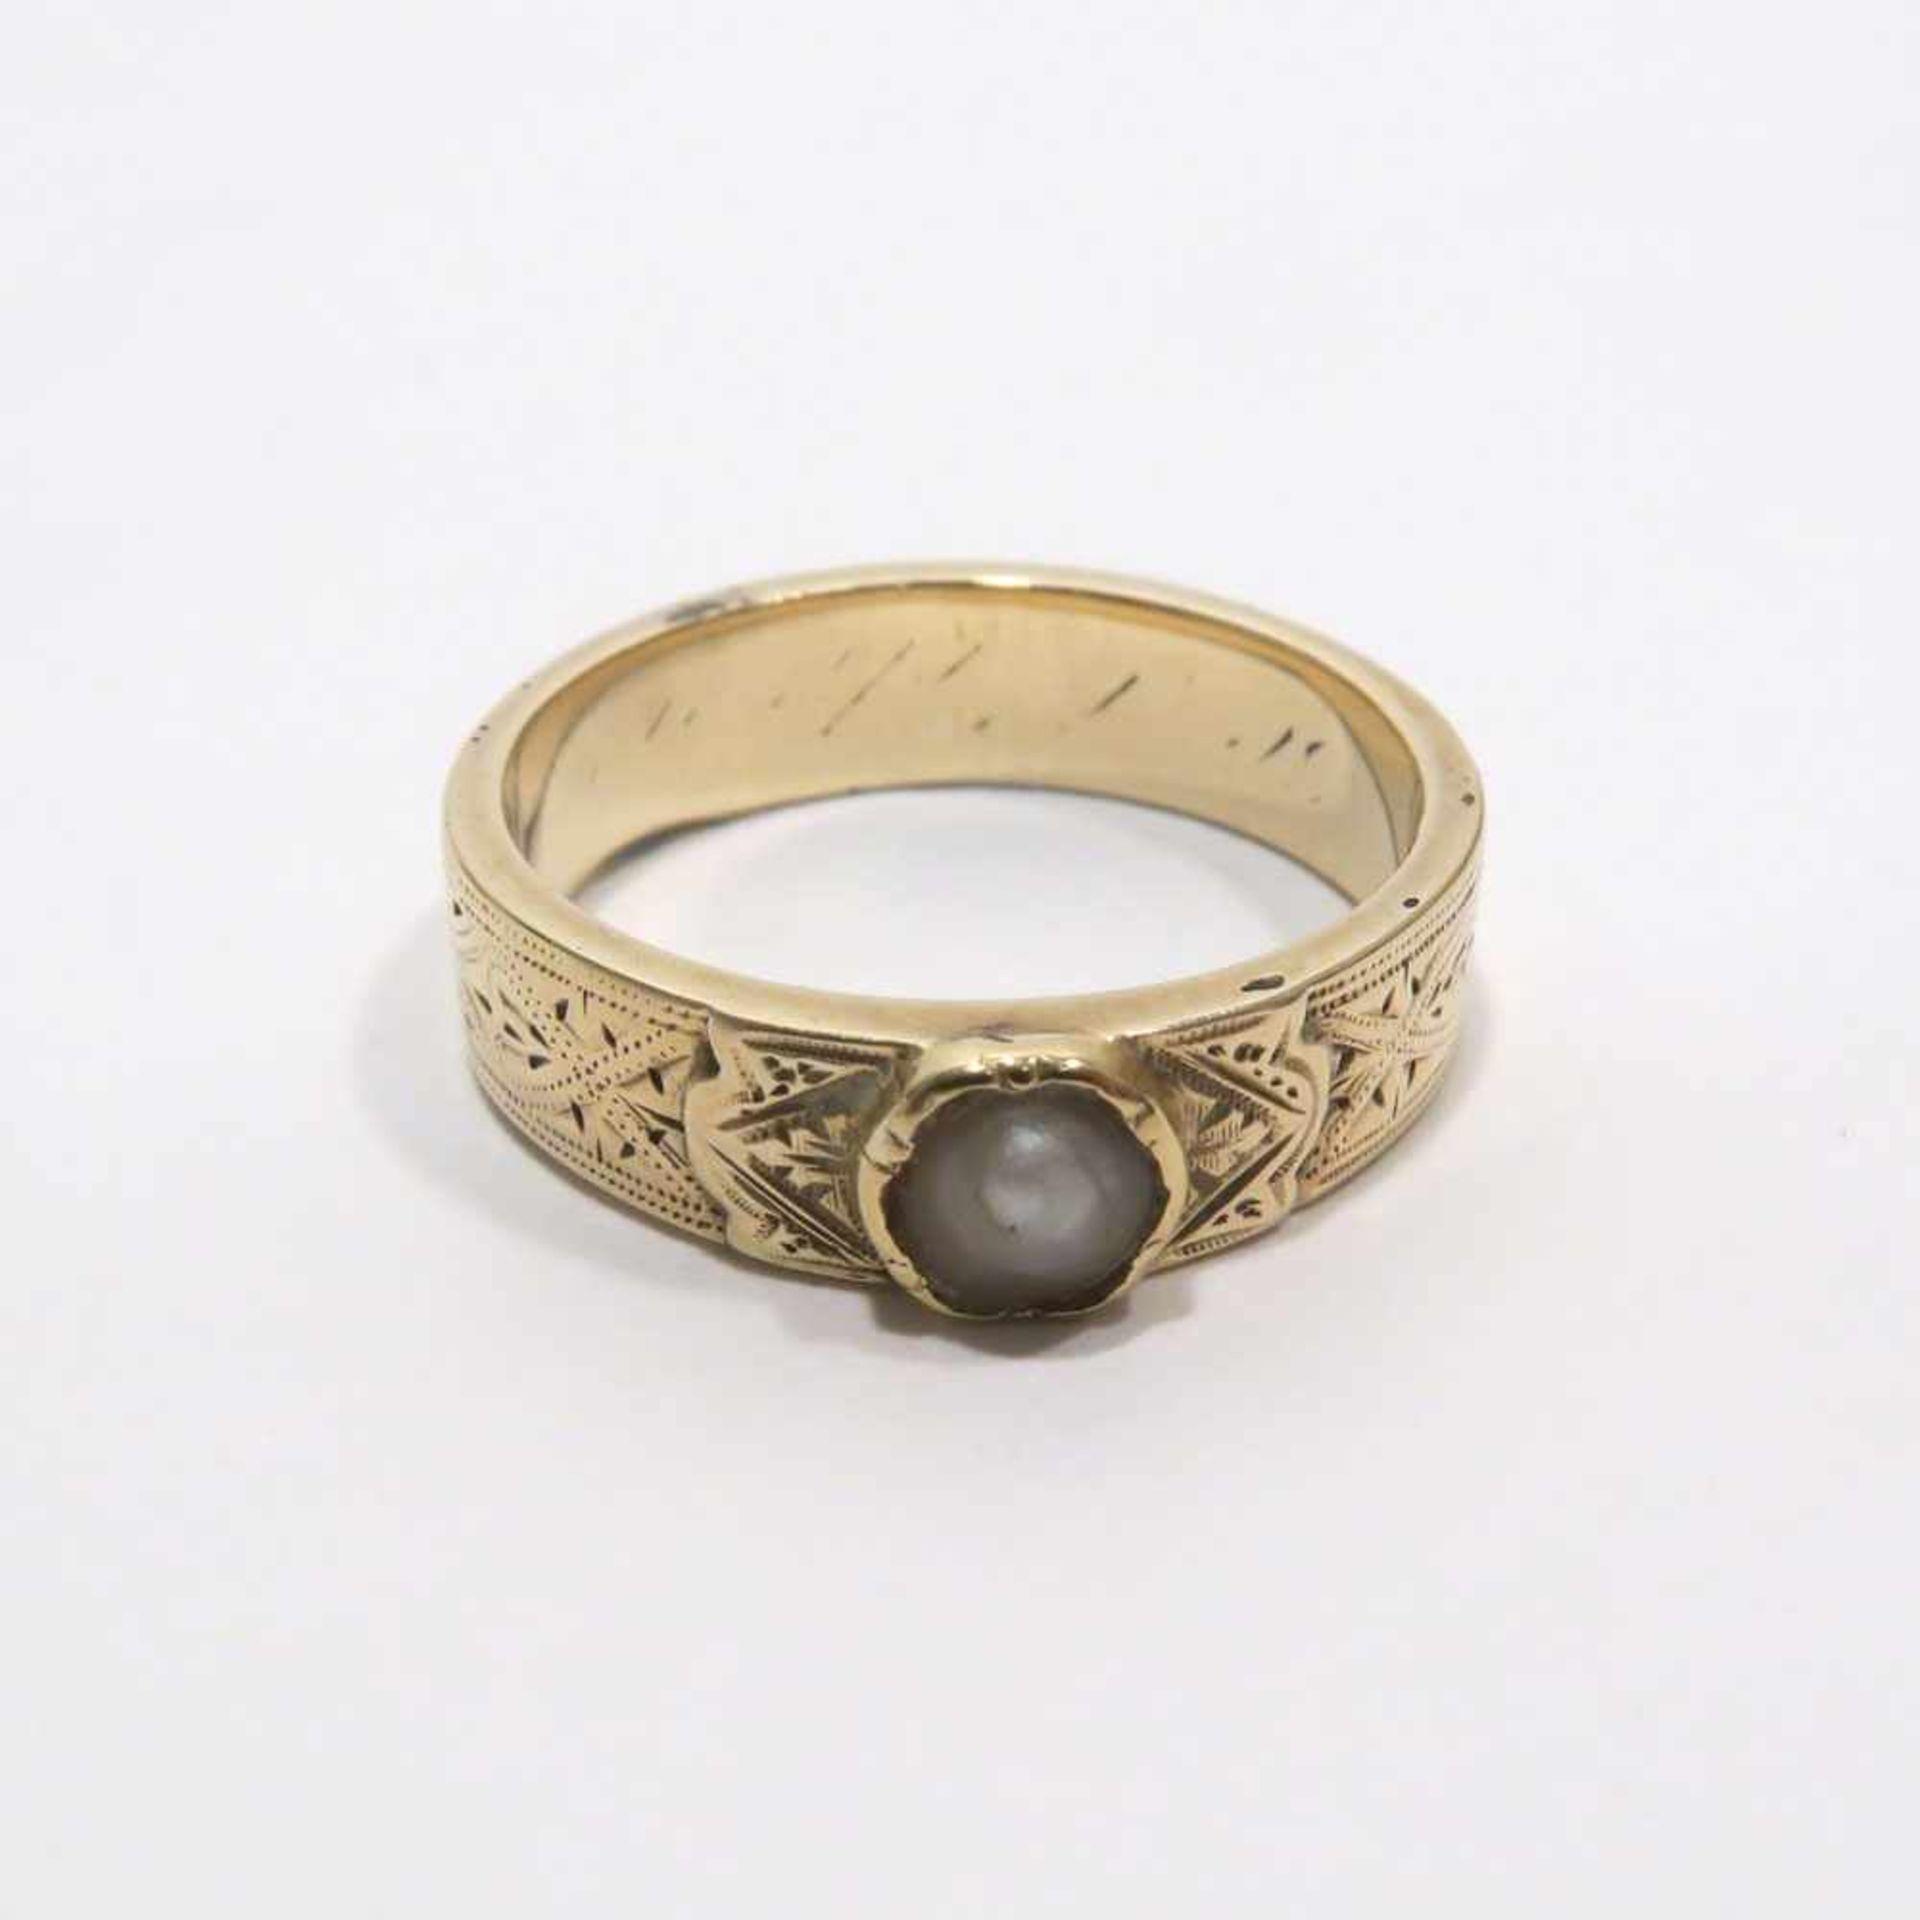 Ring14 K GG, (geprüft). Mit Zuchthalbperle besetzt und mit graviertem Dekor. Innen Gravur. Ringgröße